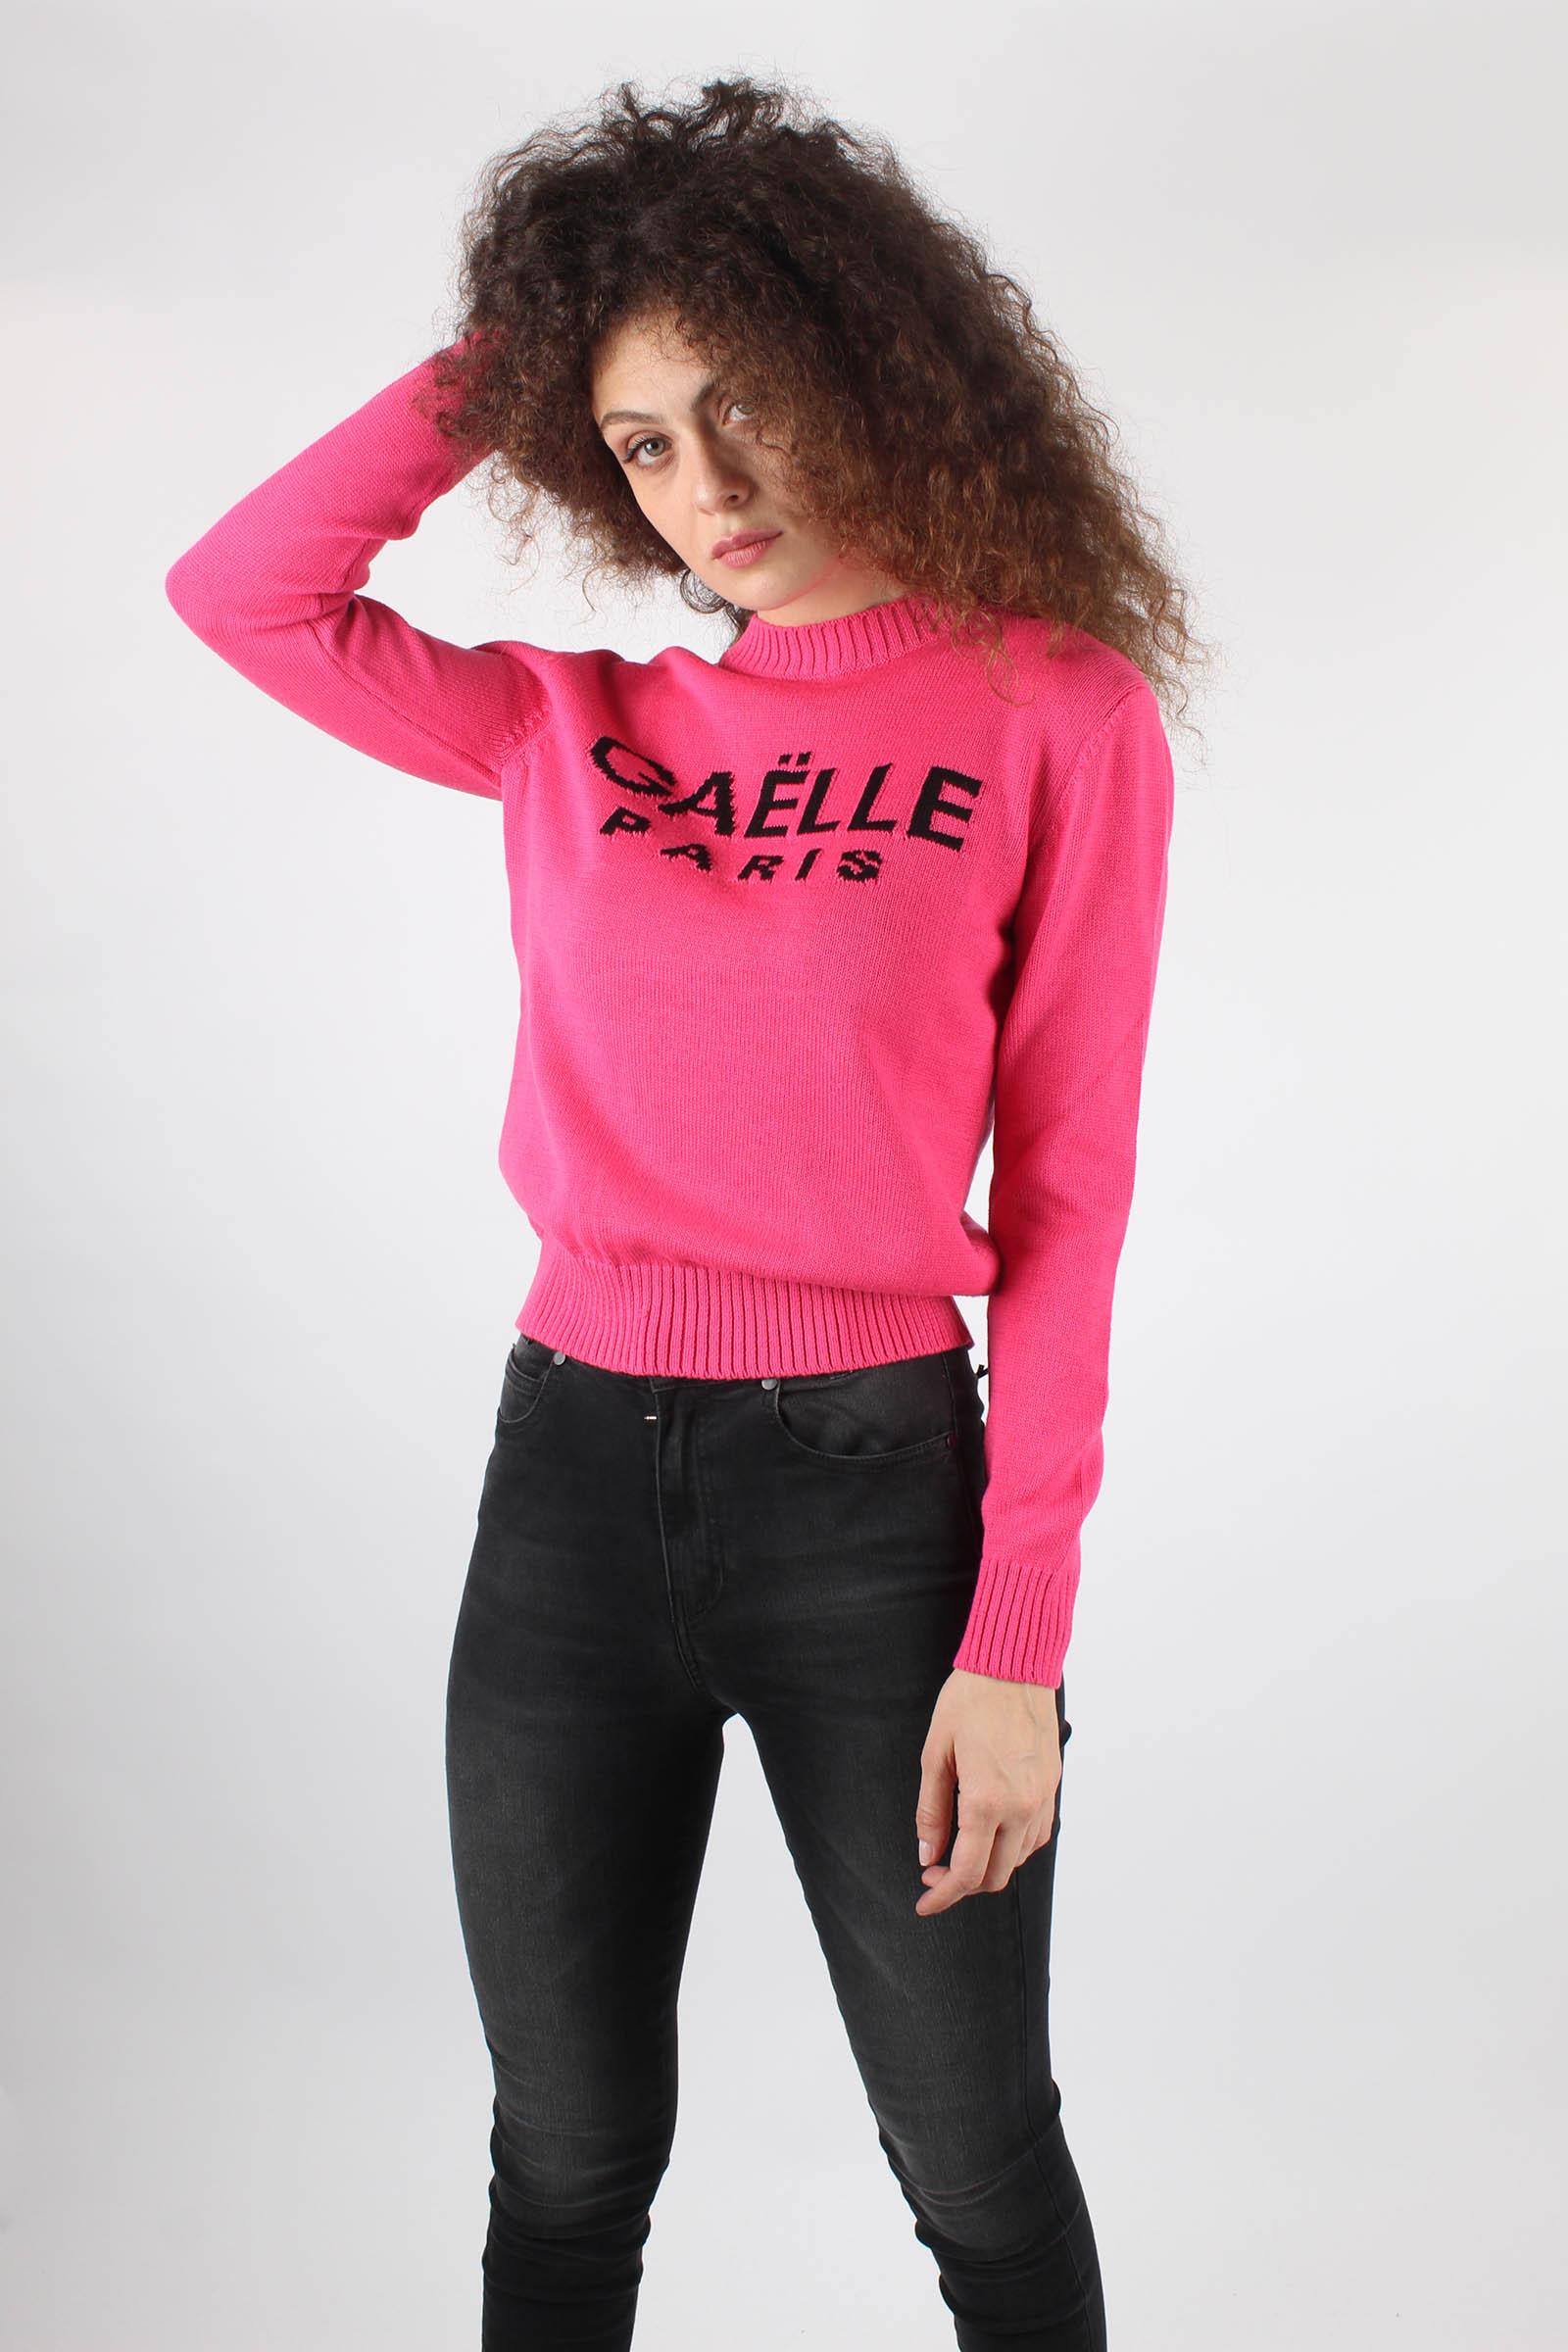 GAELLE   Shirt2   GBD70000061